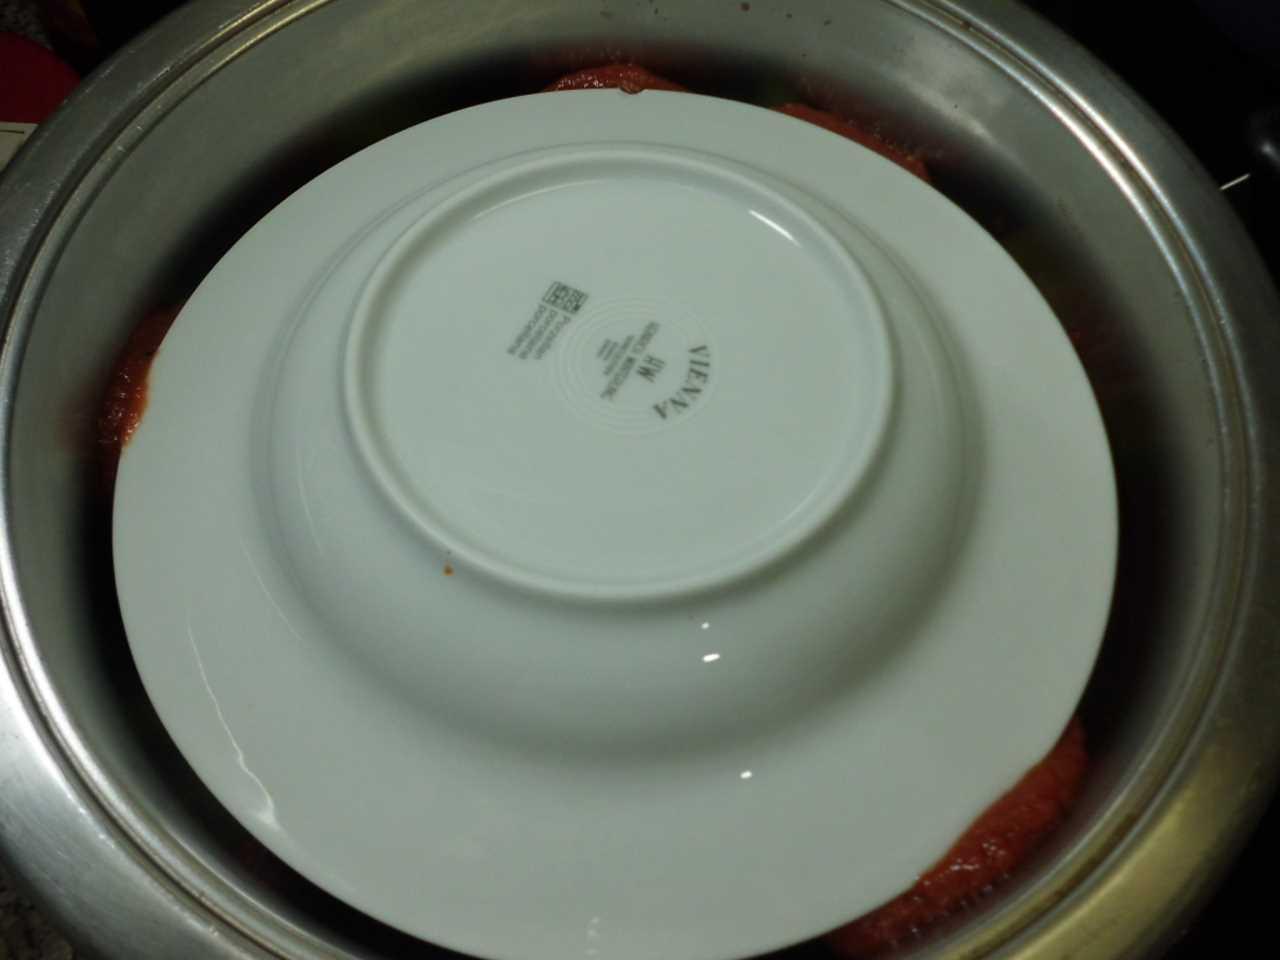 den Teller auflegen 1-2 Gas Wasser angießen